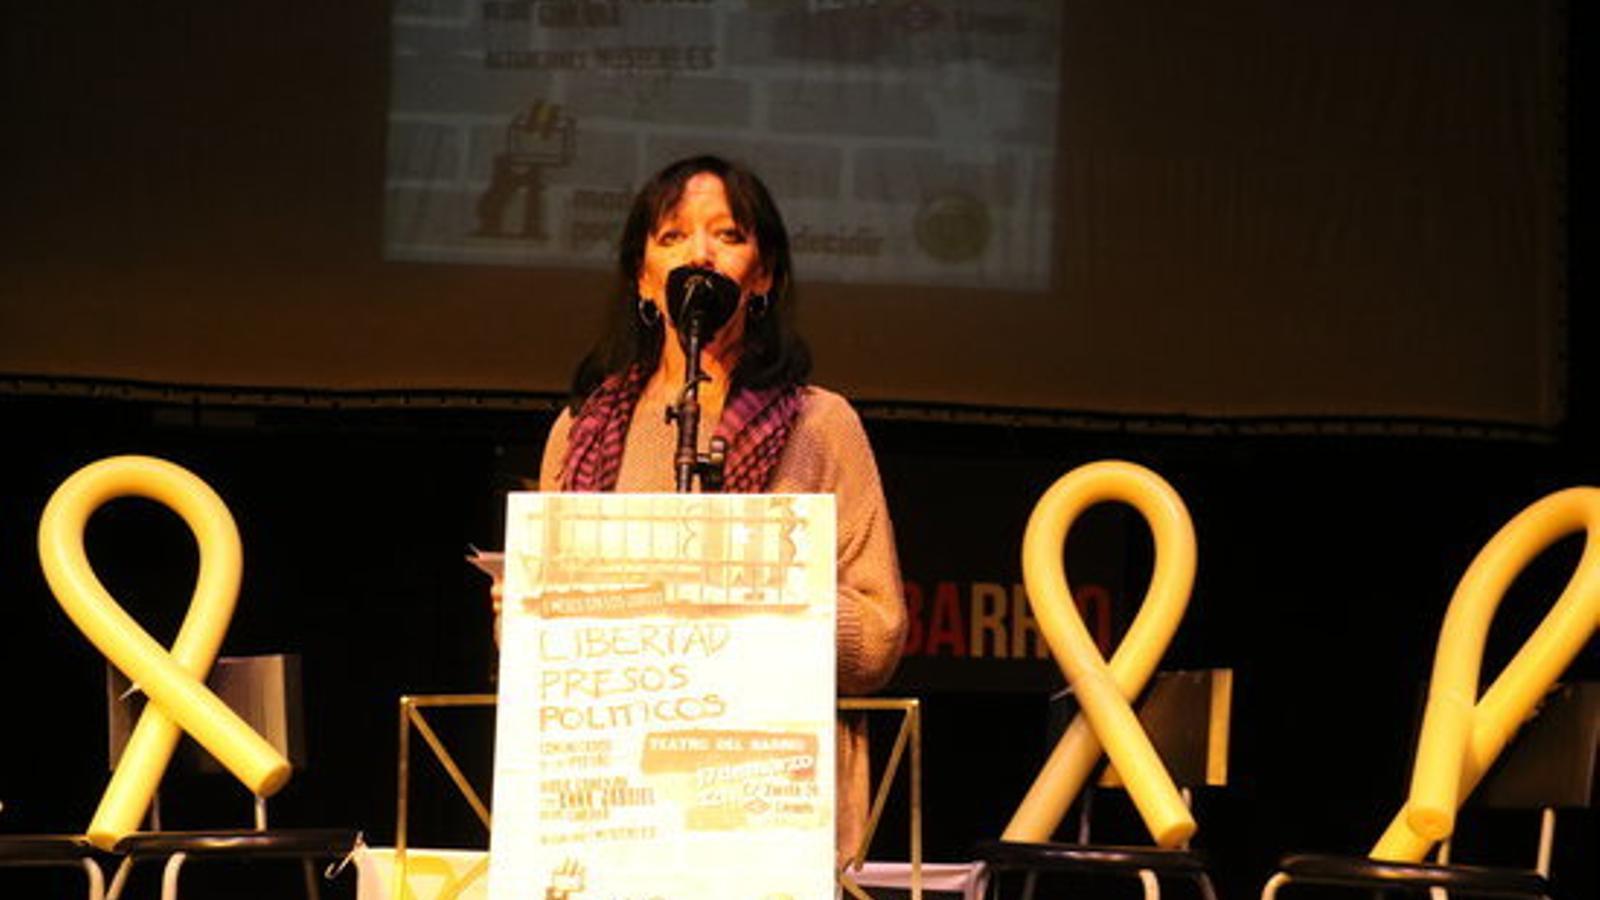 La presentadora de l'acte de 'Madrileños por el derecho a decidir', Pilar Parrilla